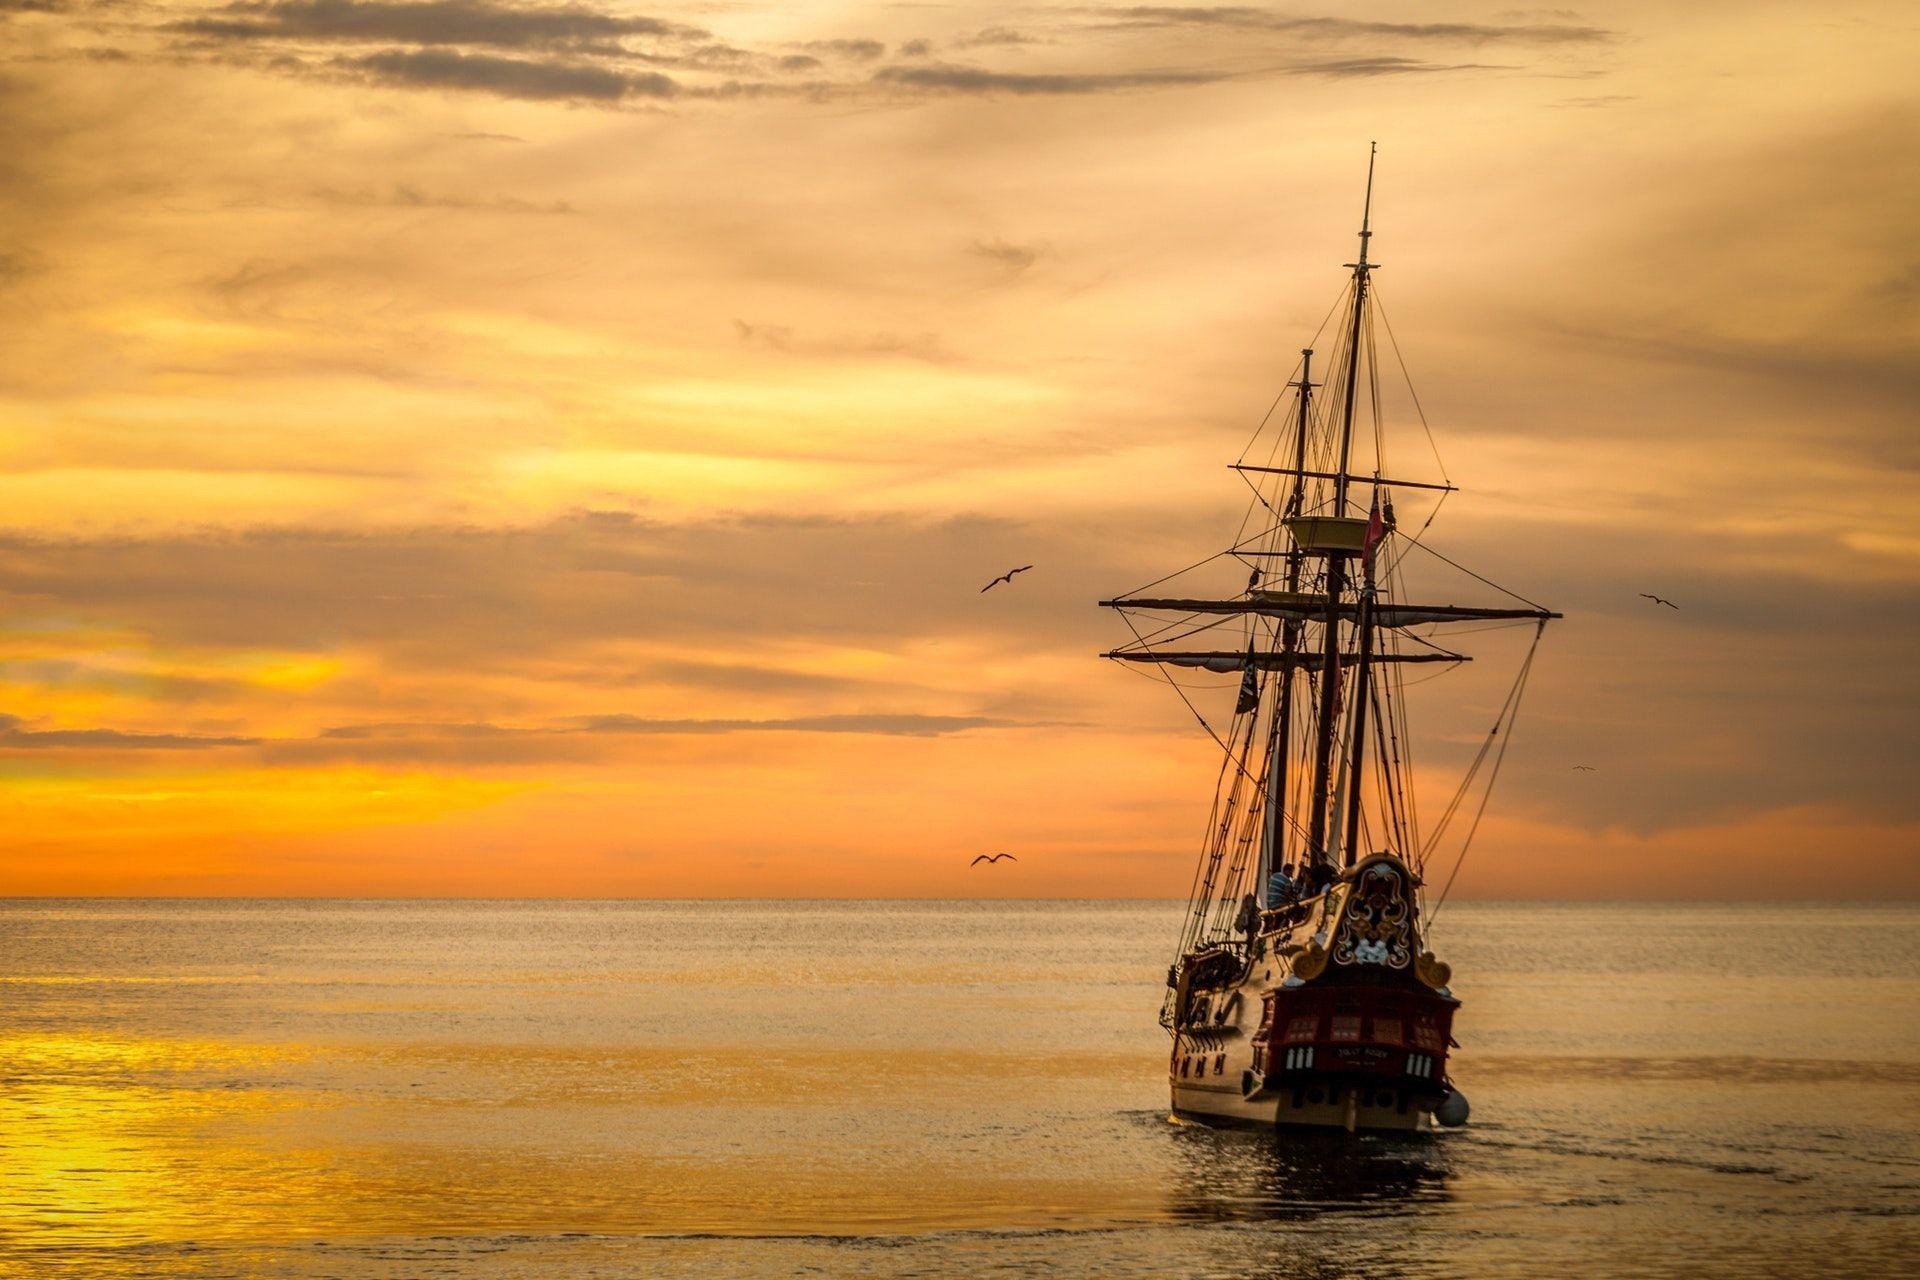 عکس زمینه قایق در غروب دریا پس زمینه